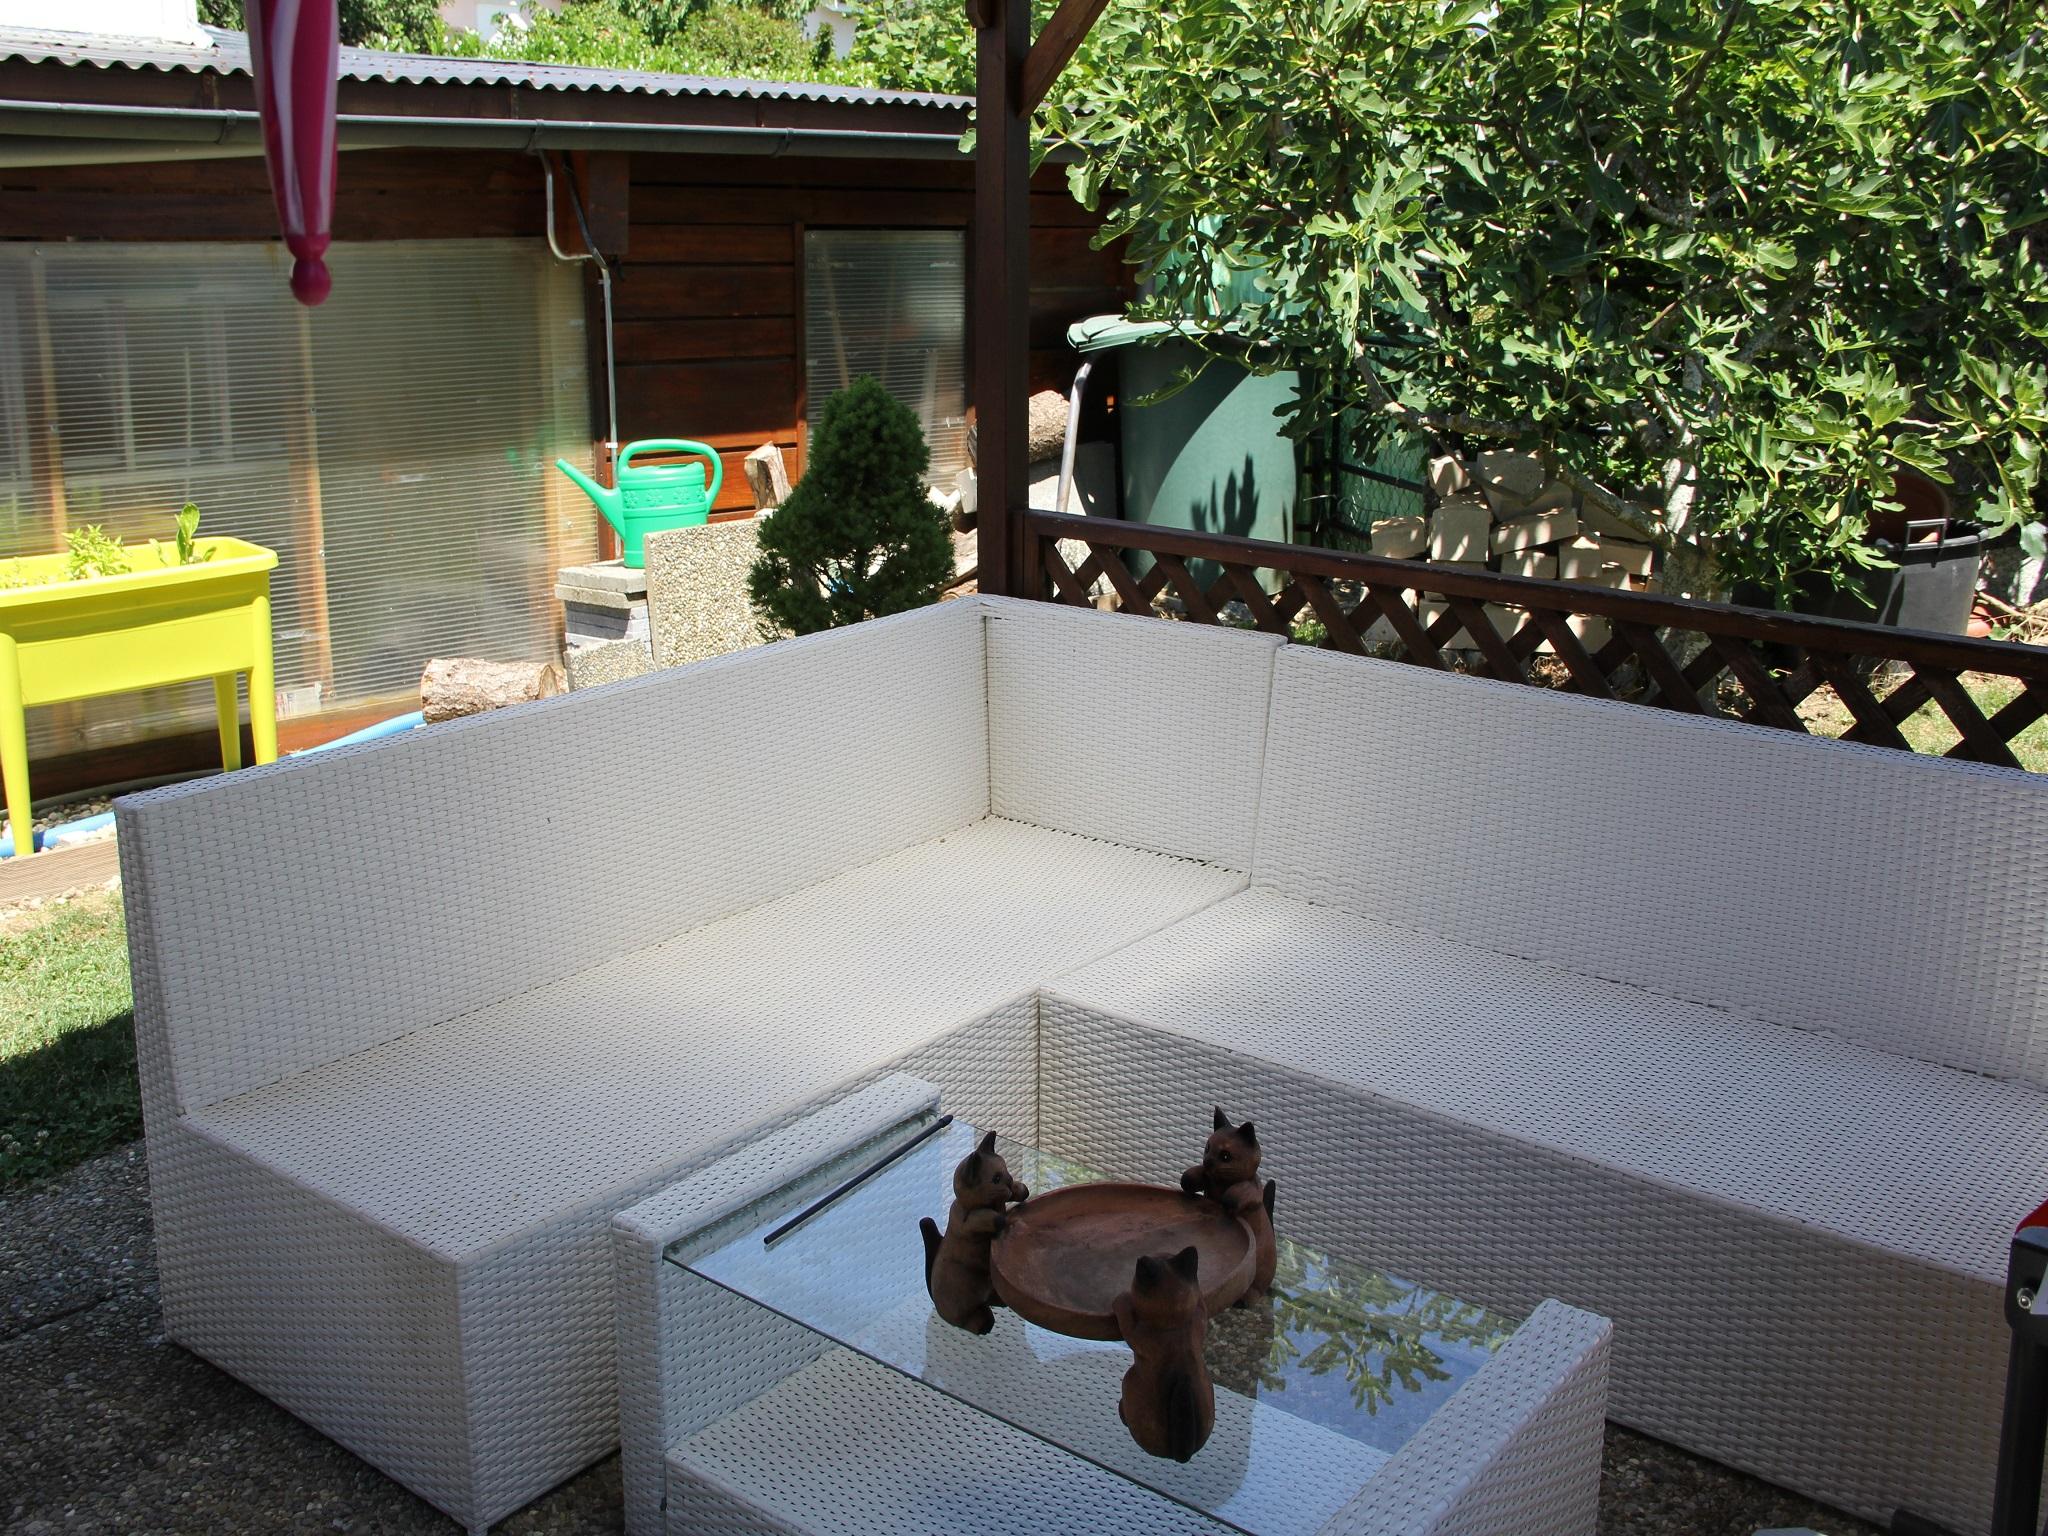 Appartement de vacances relaxe zu Hause ds 3pc oder im Studio eingerichteter Whirlpool und Pool im Somme (2520436), Bevaix, Lac de Neuchâtel, Jura - Neuchâtel, Suisse, image 20